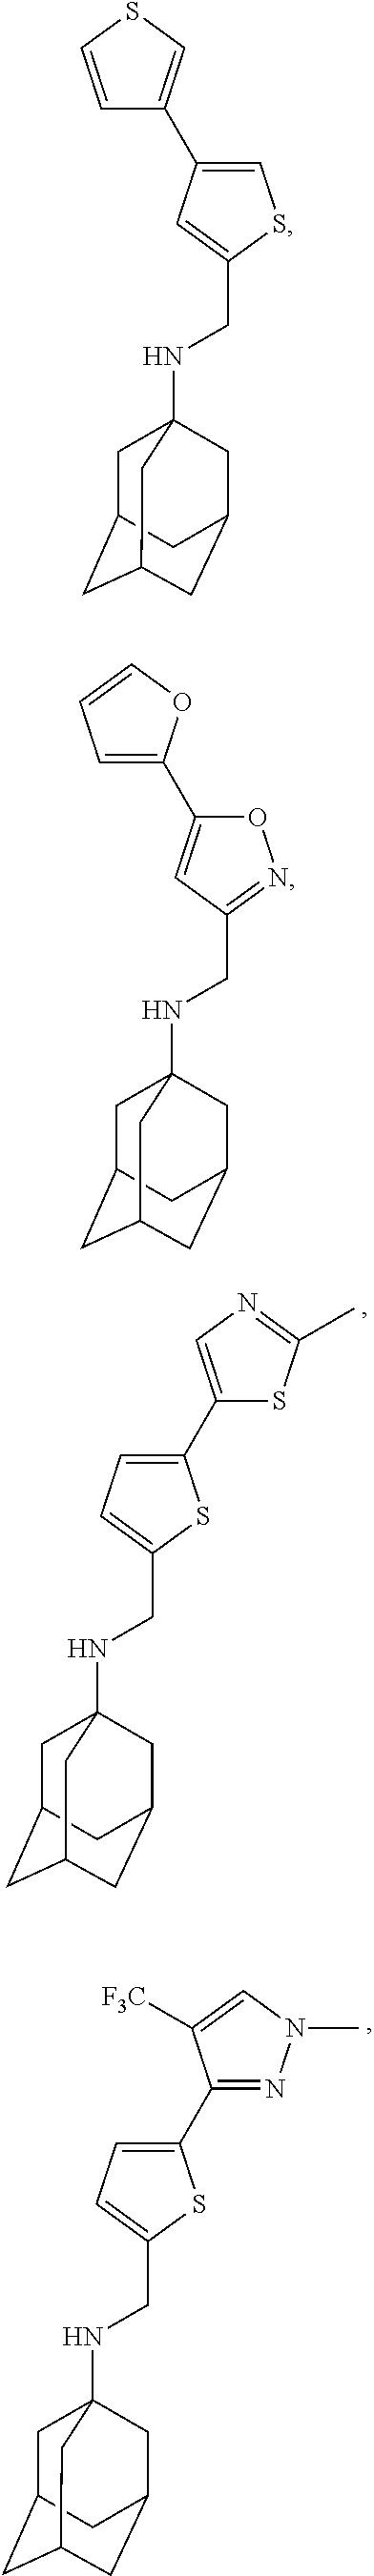 Figure US09884832-20180206-C00061